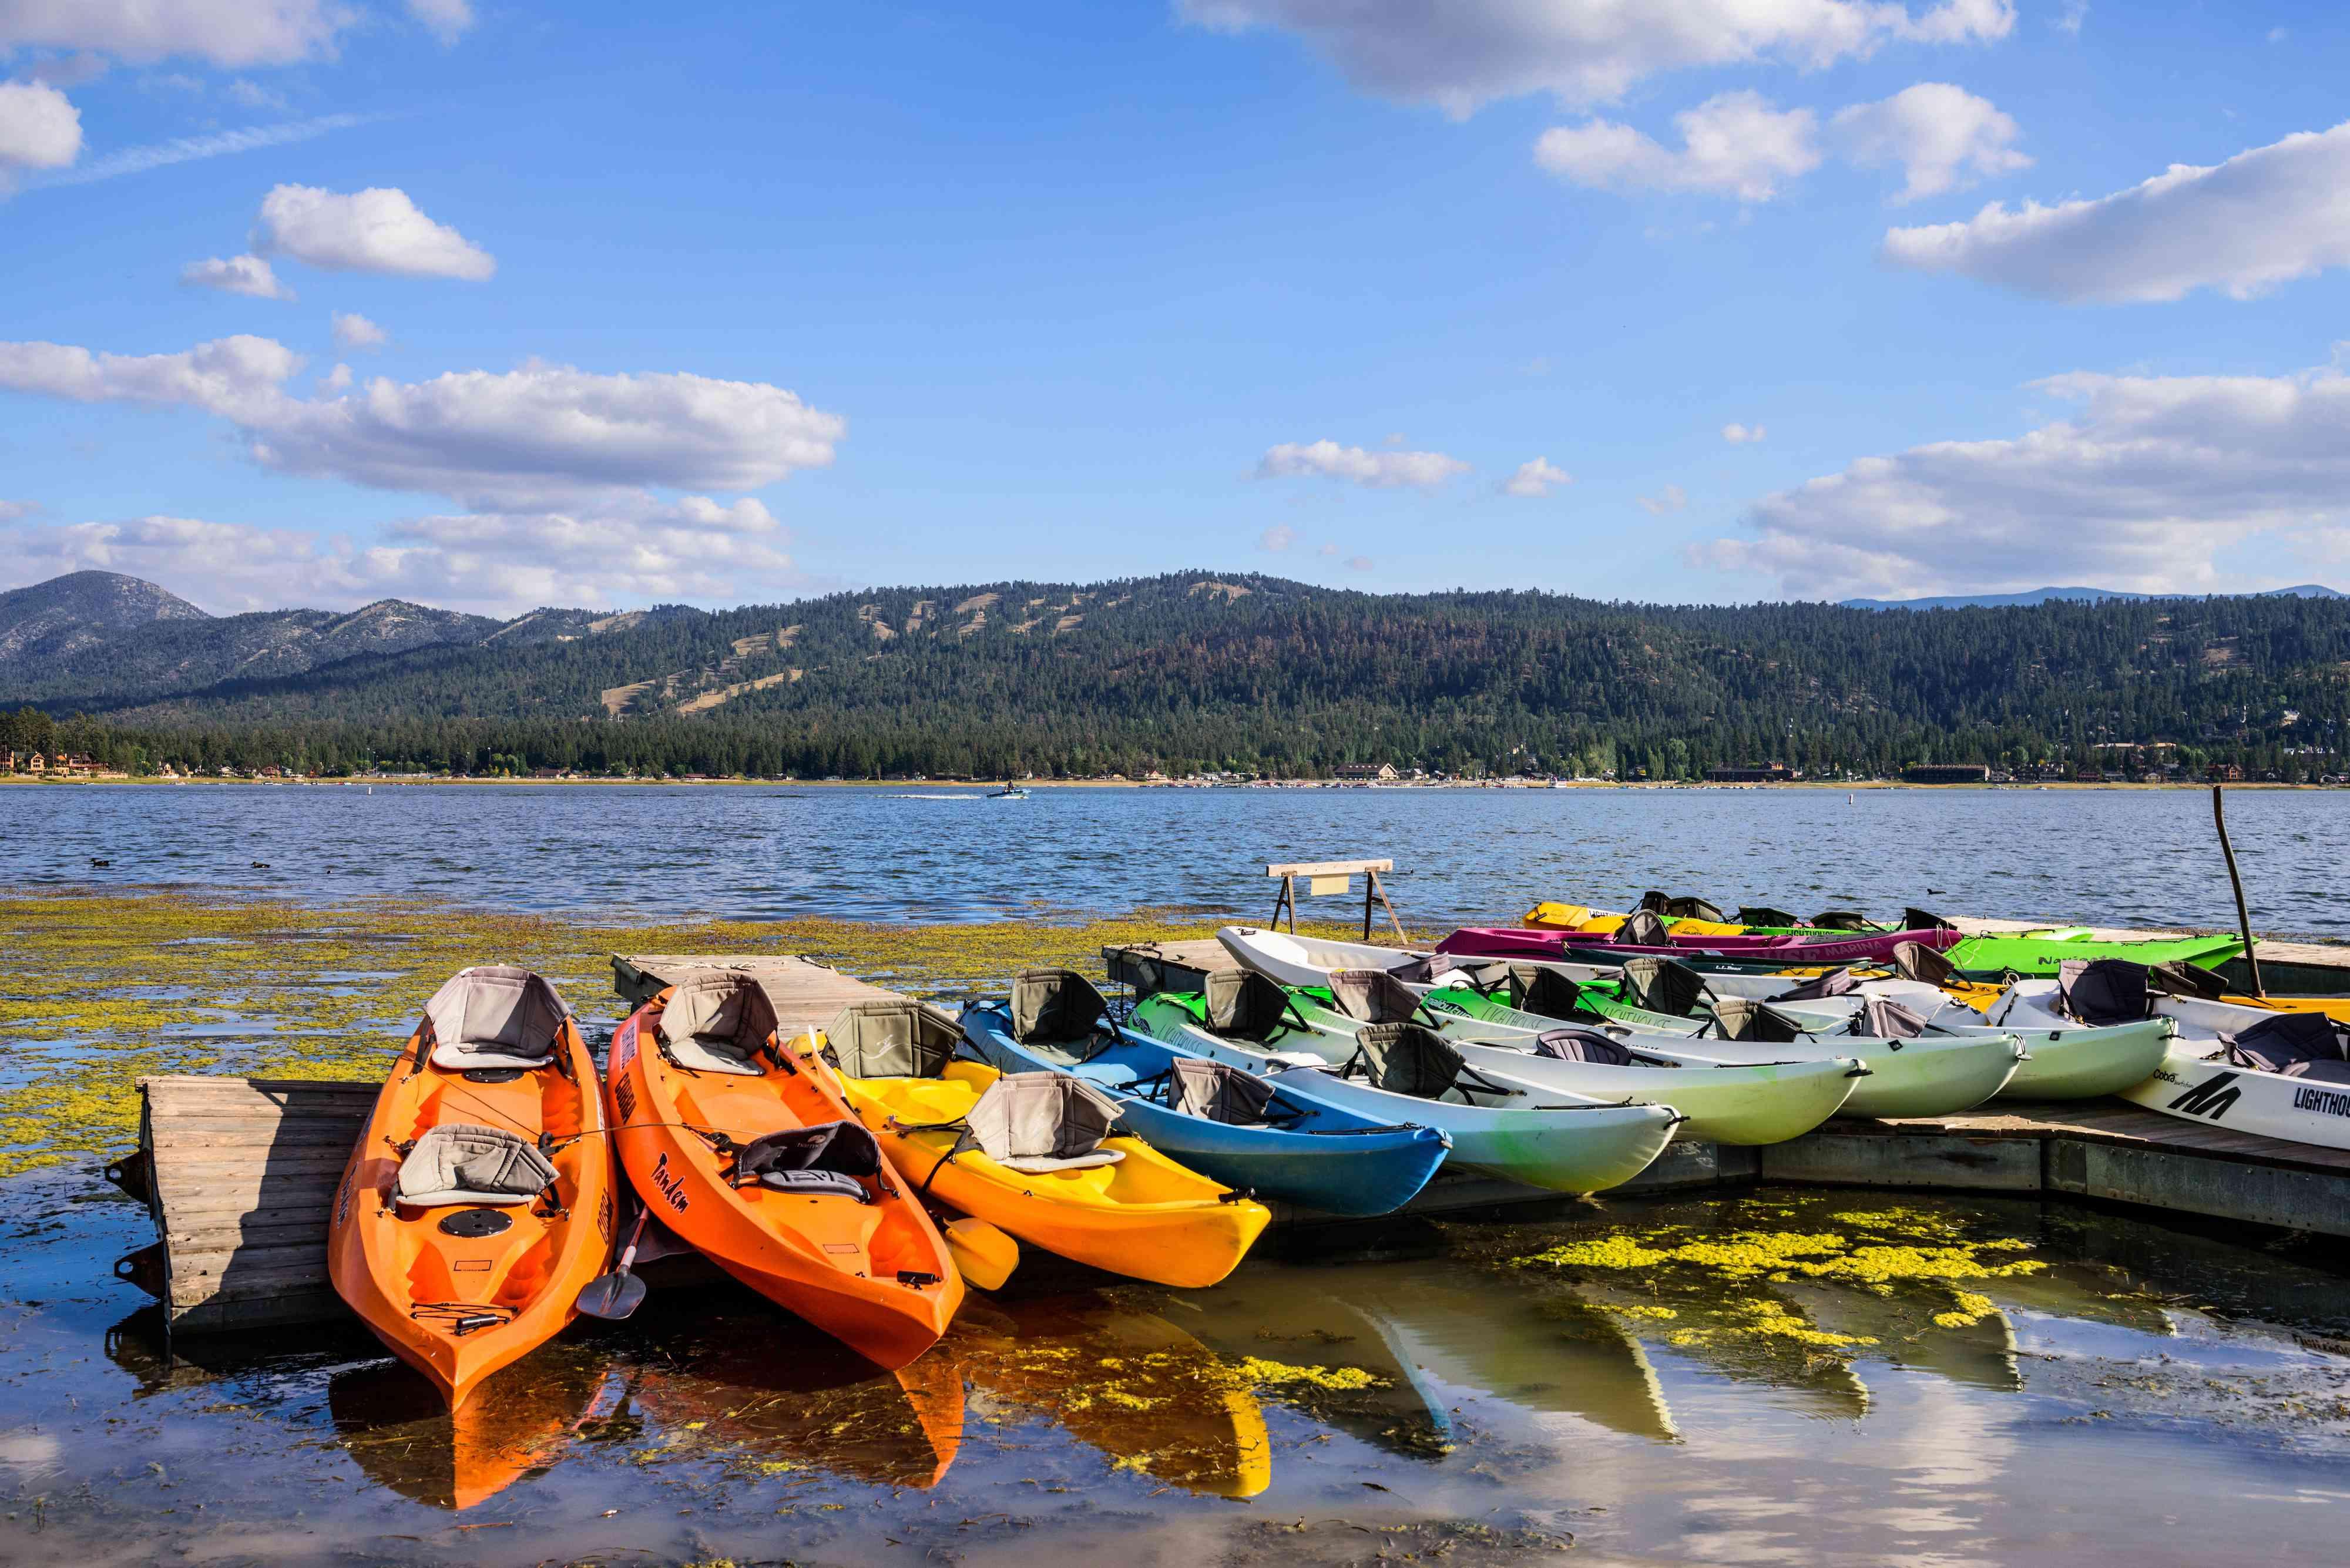 Kayaks on Big Bear Lake